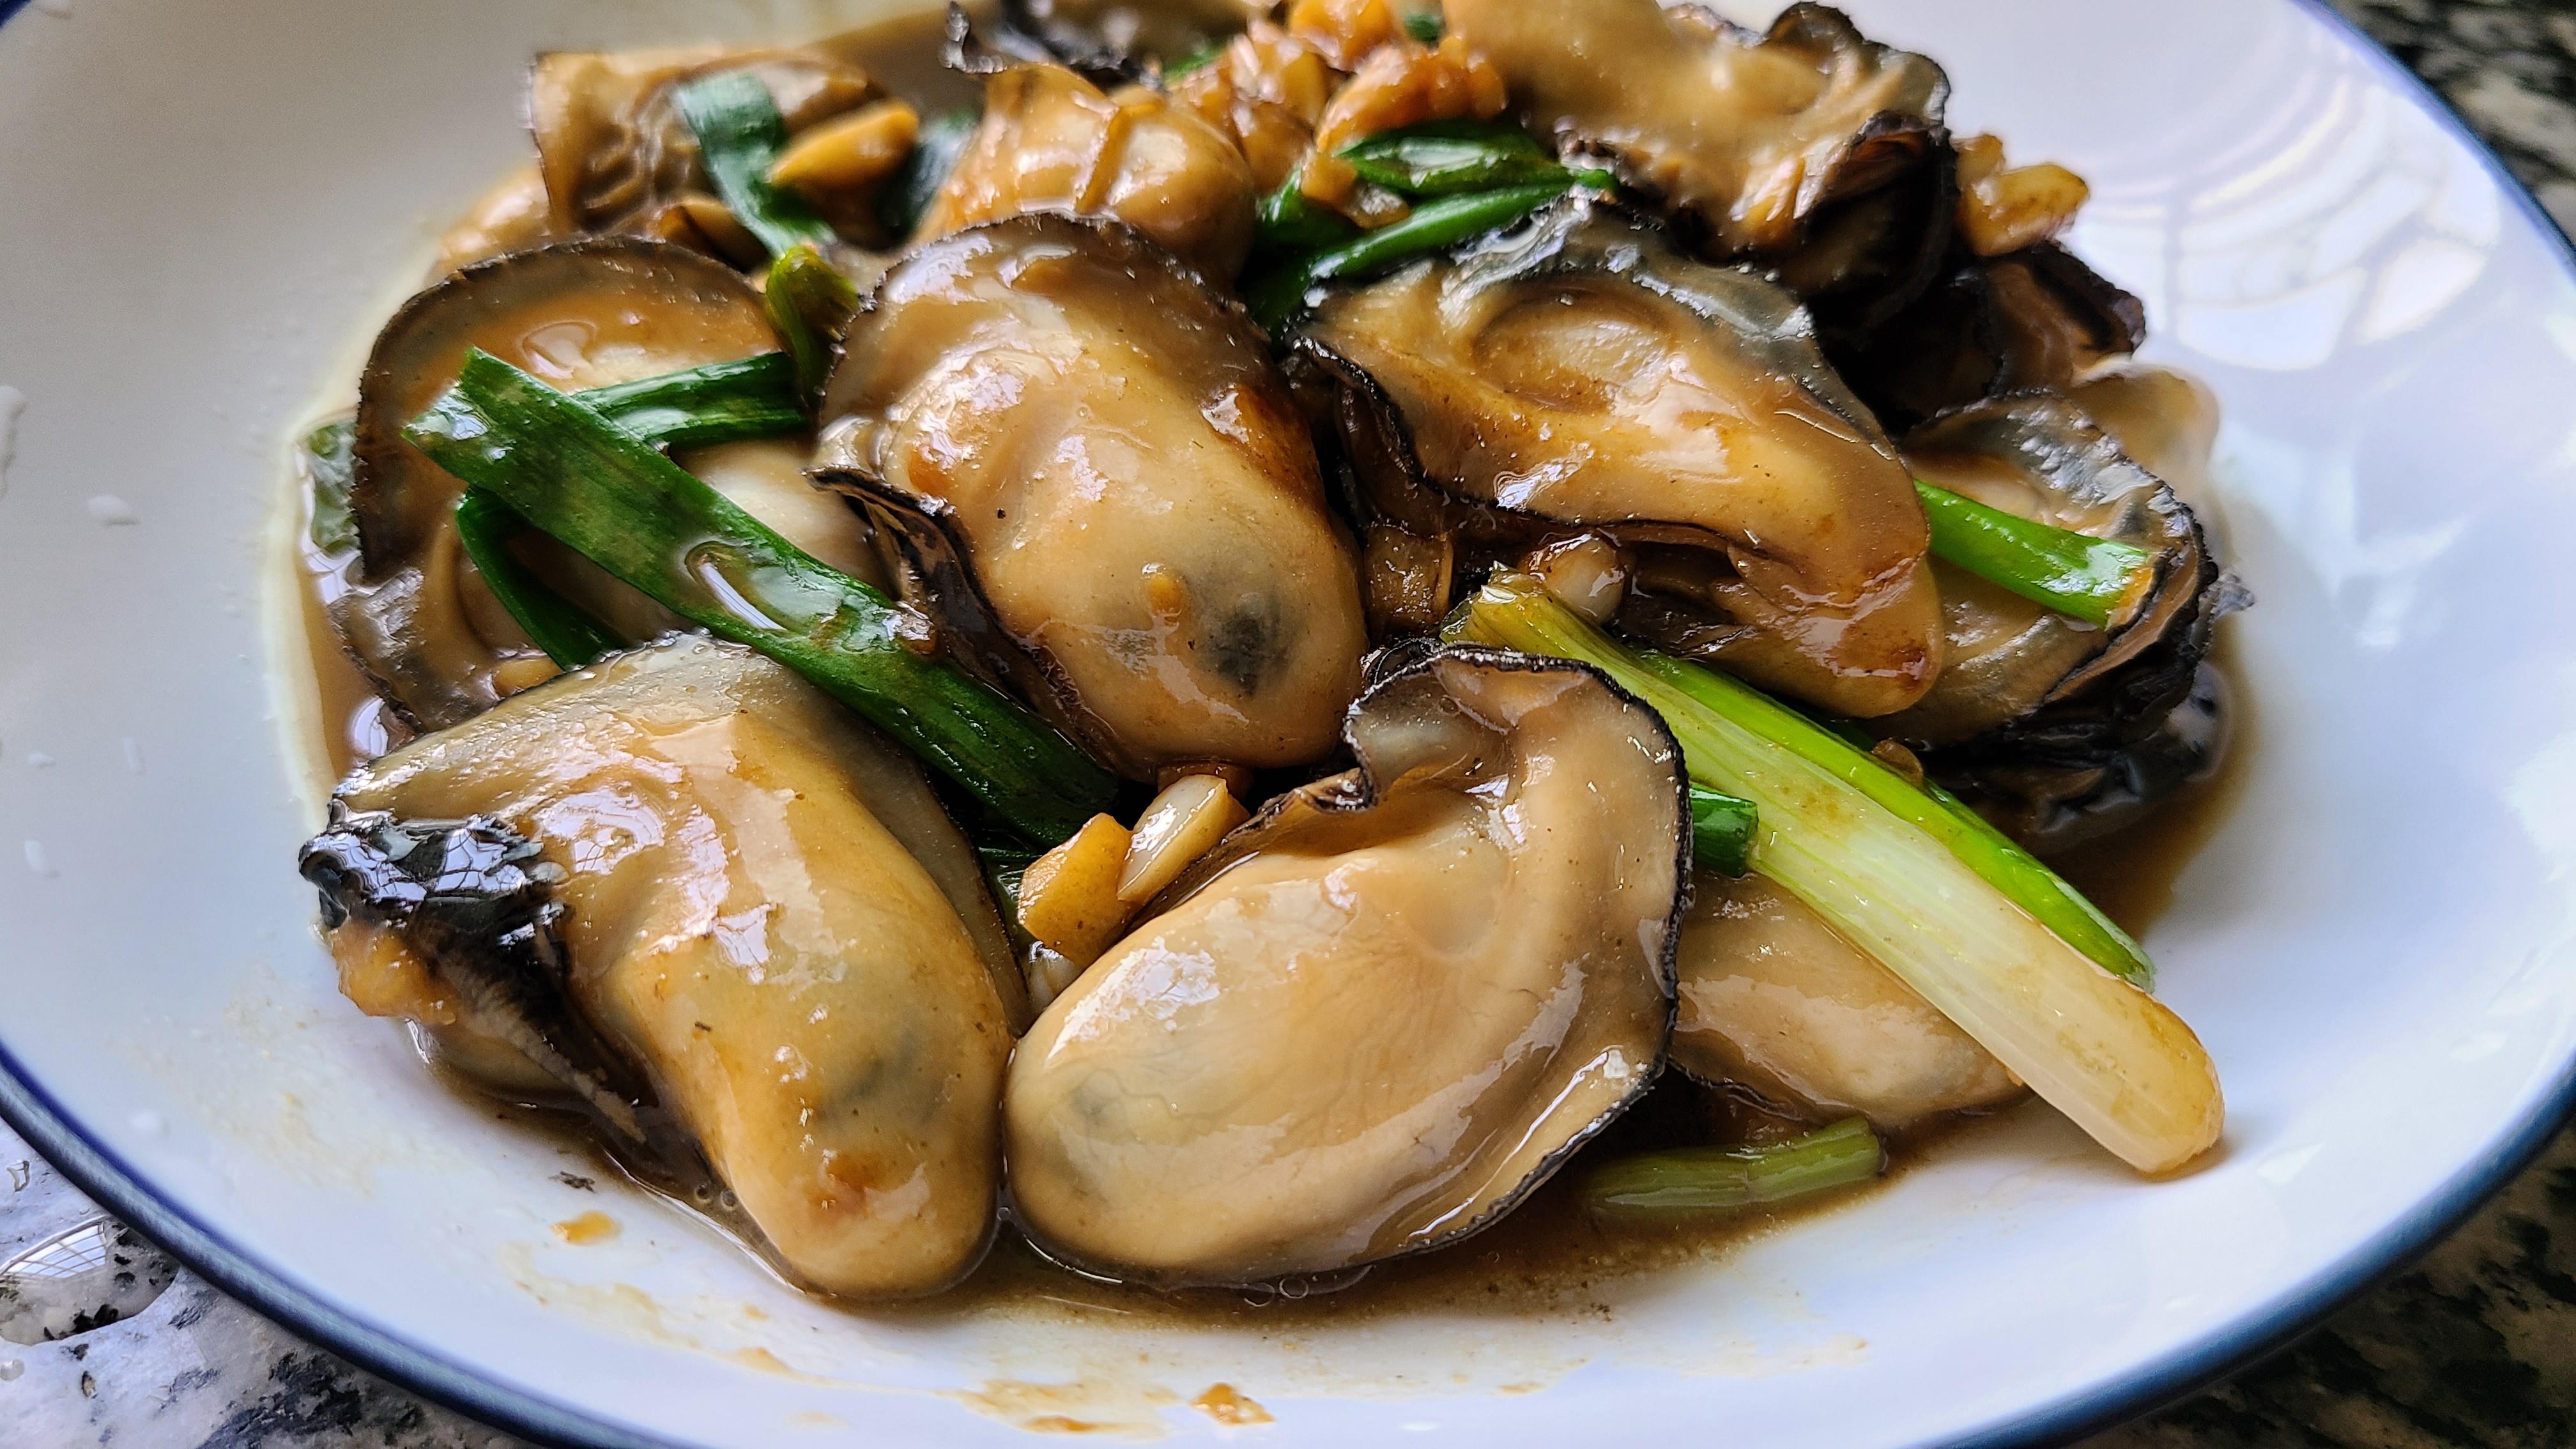 廣式炒生蠔原來這麼好吃,家常做法味道鮮美,看著就饞了